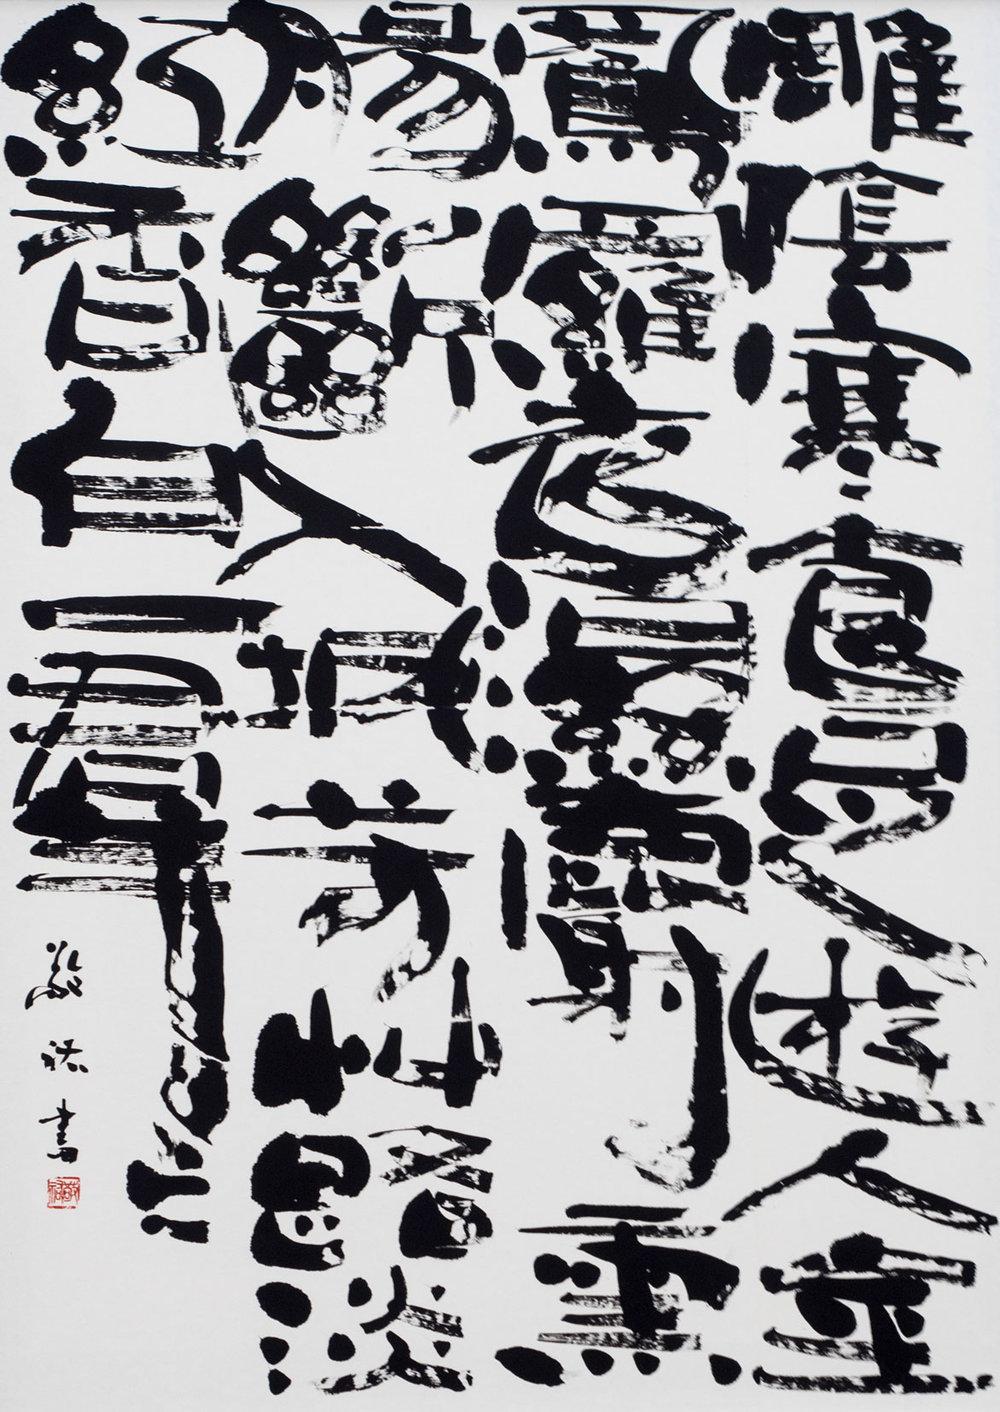 2017-jp-shodo-inspiration-453.jpg